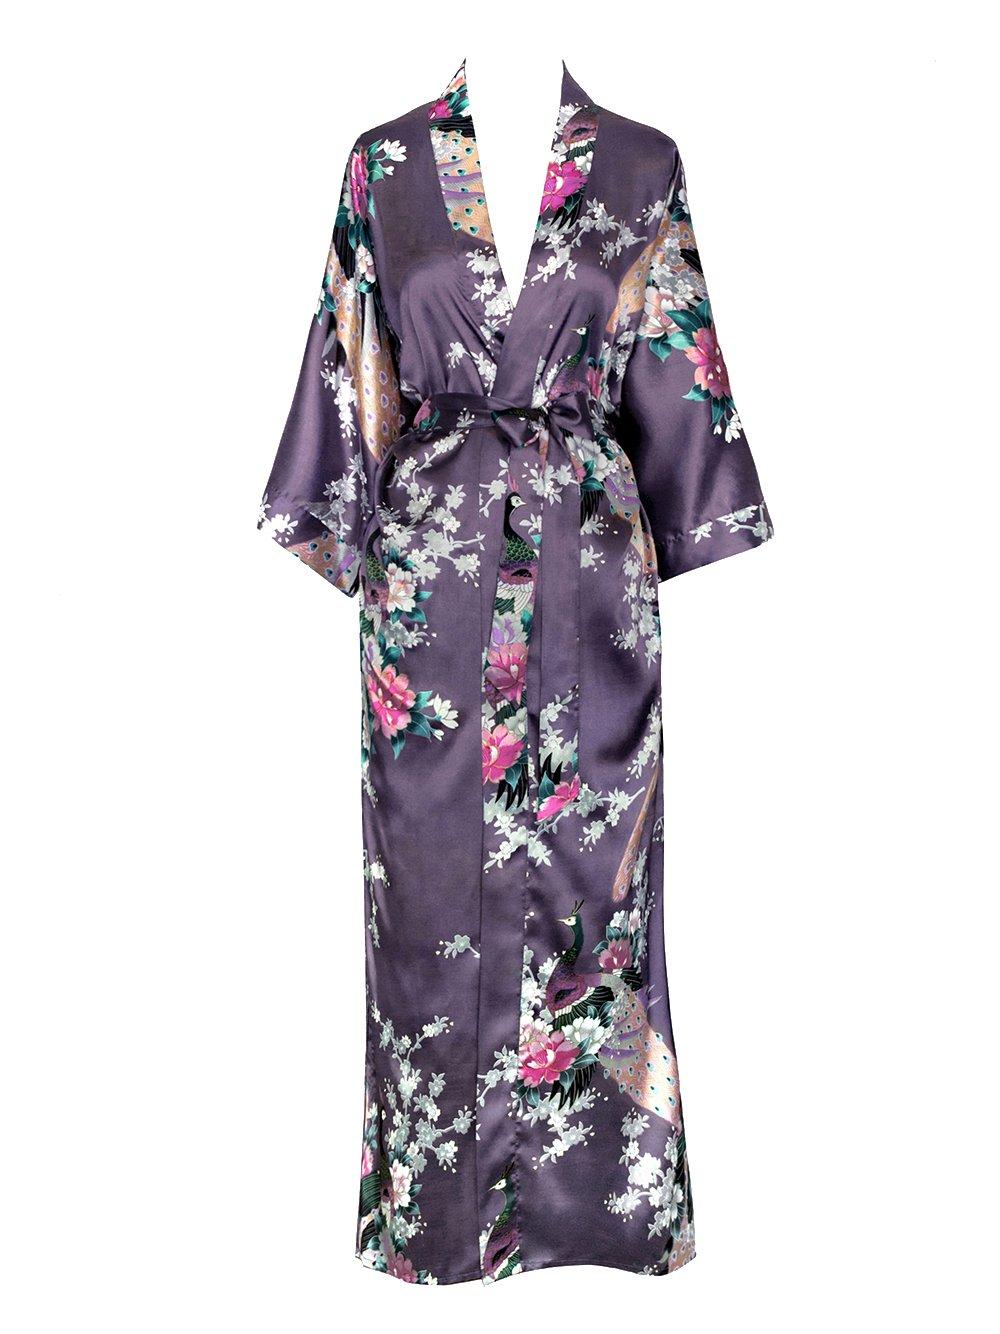 Old Shanghai Women's Kimono Long Robe - Peacock & Blossoms - Dusk (on seam pocket)